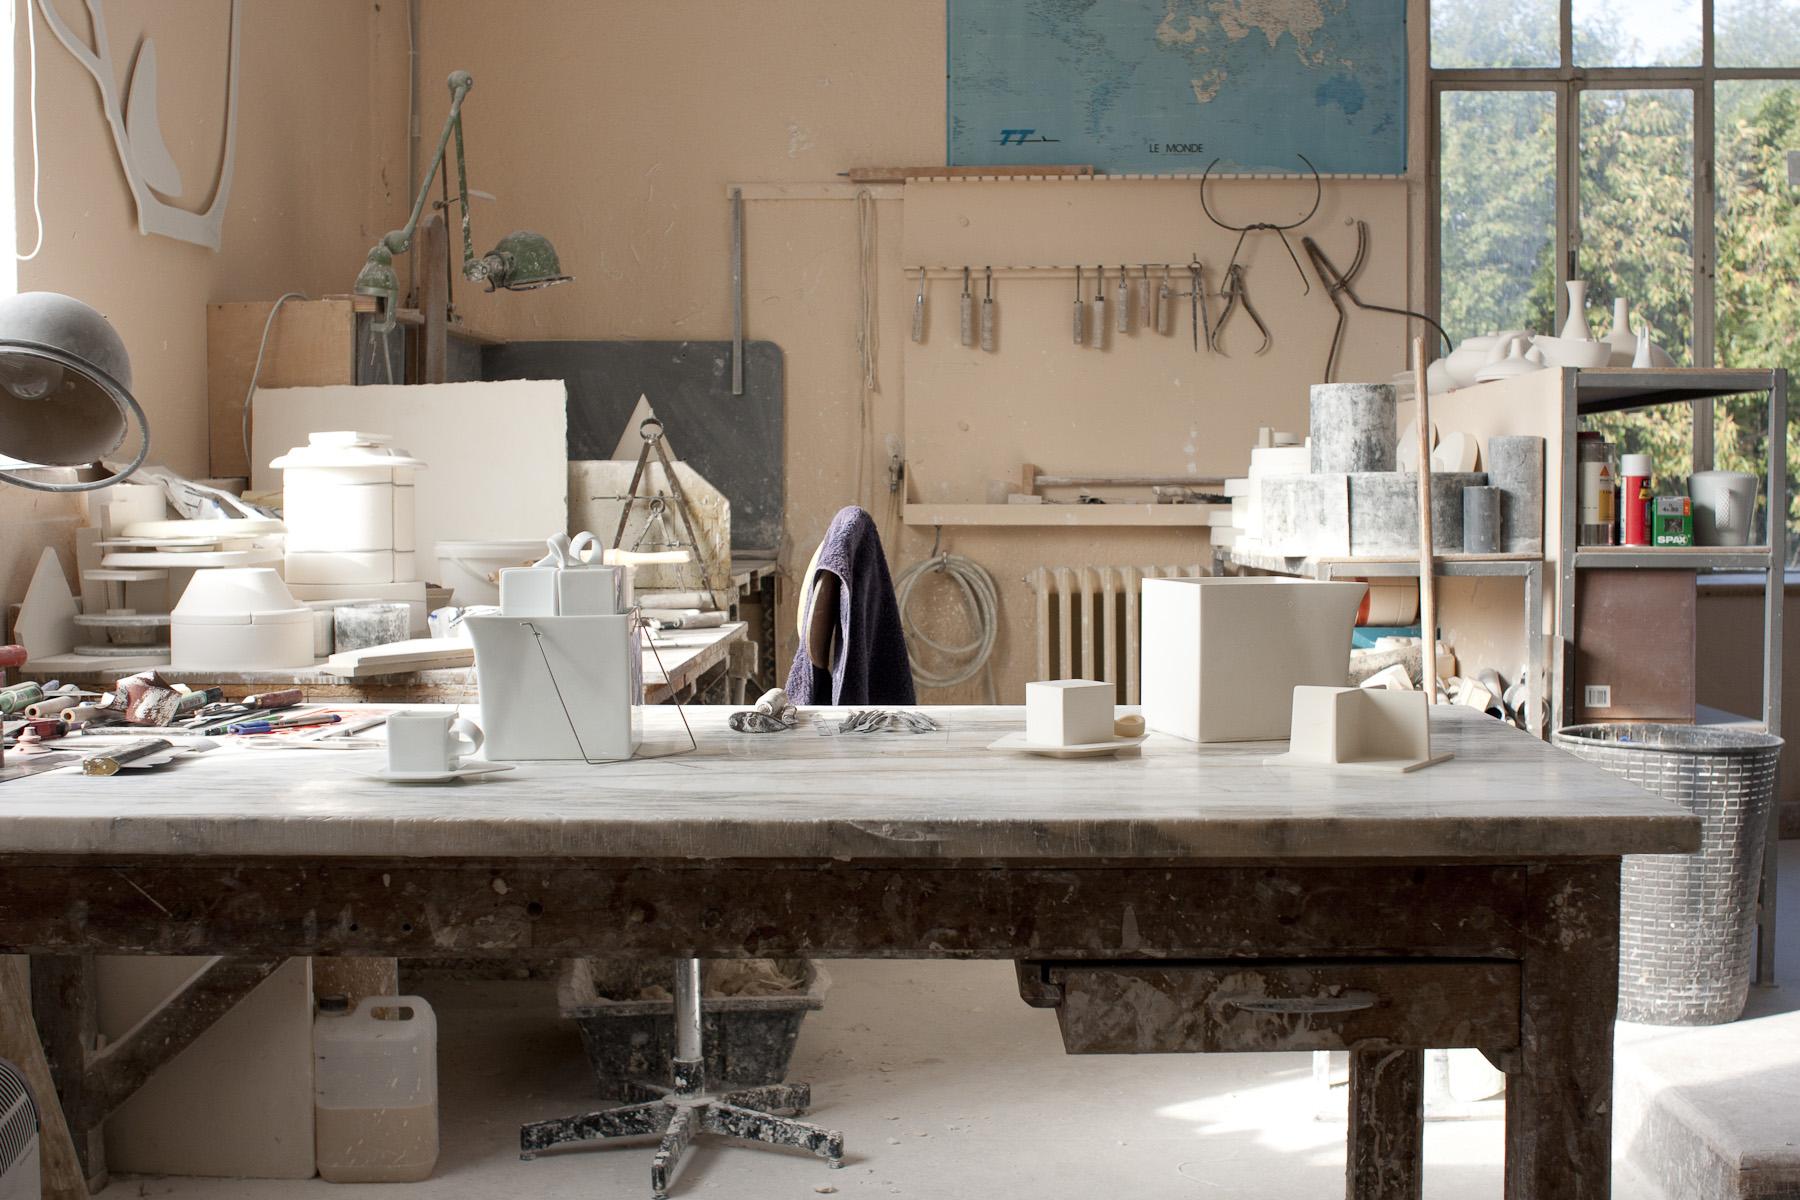 atelier de modelage de la manufacture raynaud photo matthieu bussereau esprit porcelaine. Black Bedroom Furniture Sets. Home Design Ideas